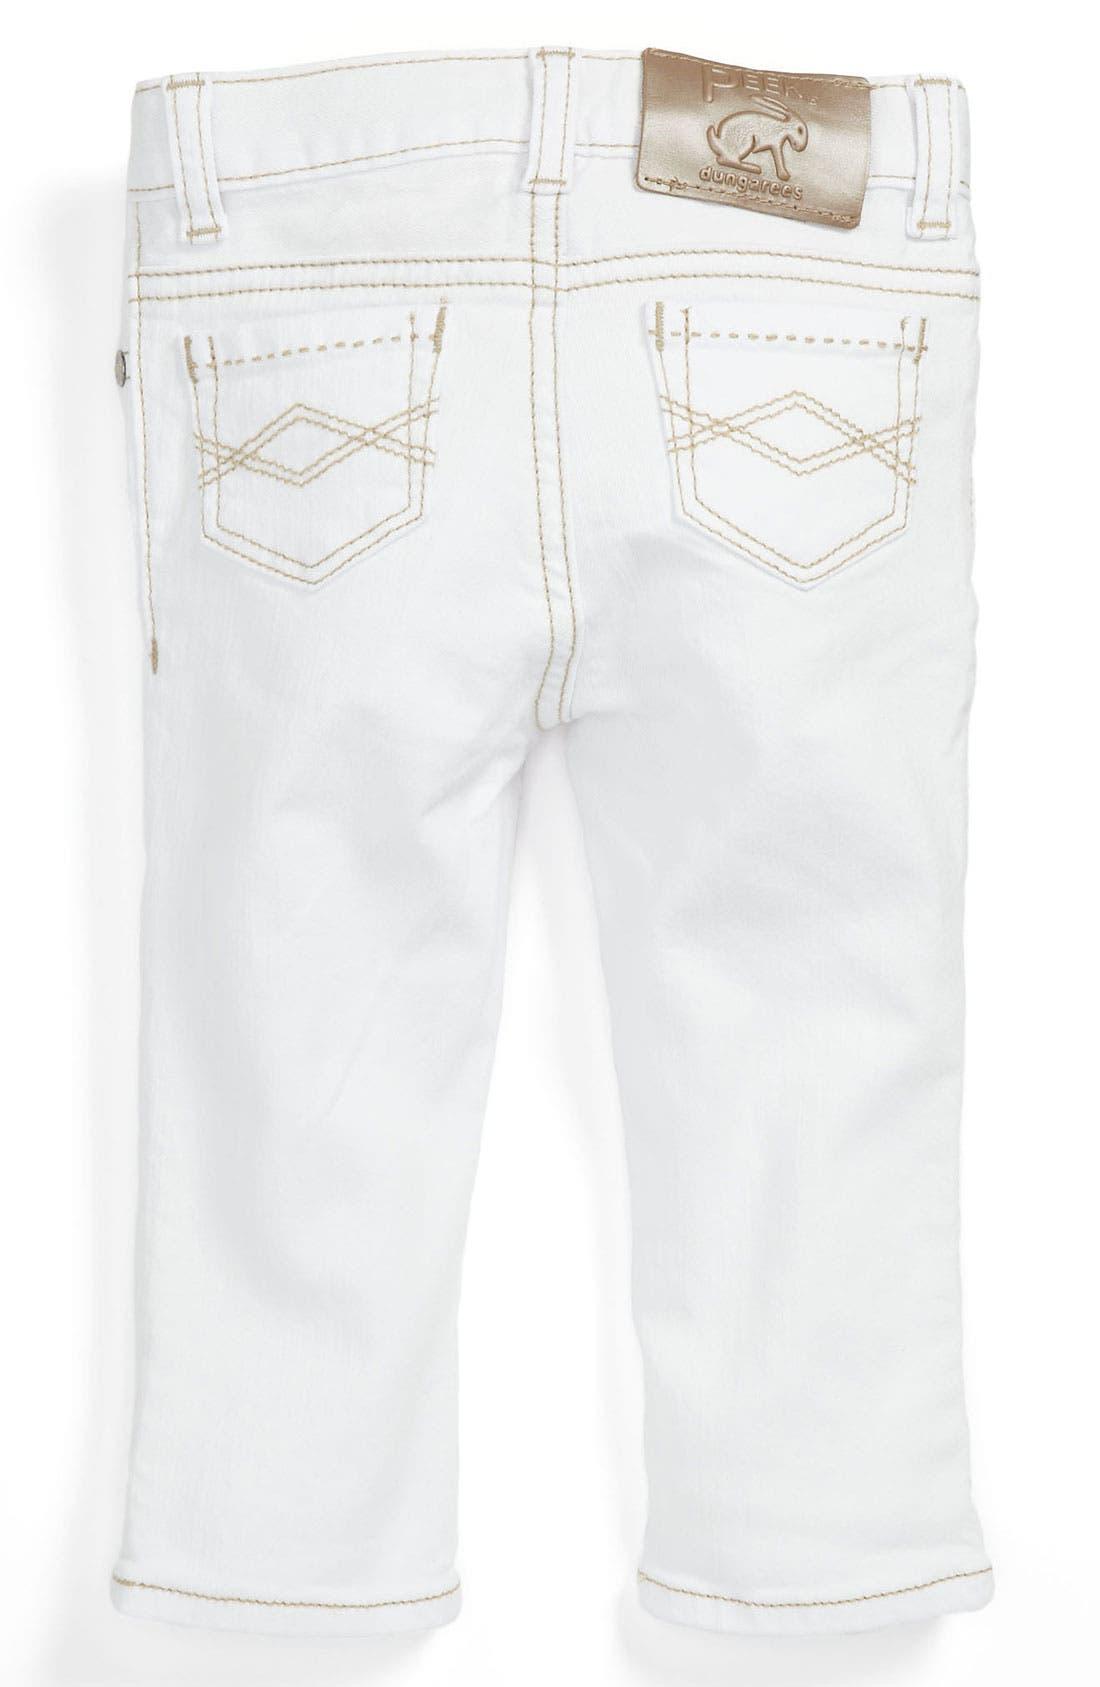 Alternate Image 1 Selected - Peek 'Maya' Skinny Jeans (Baby)